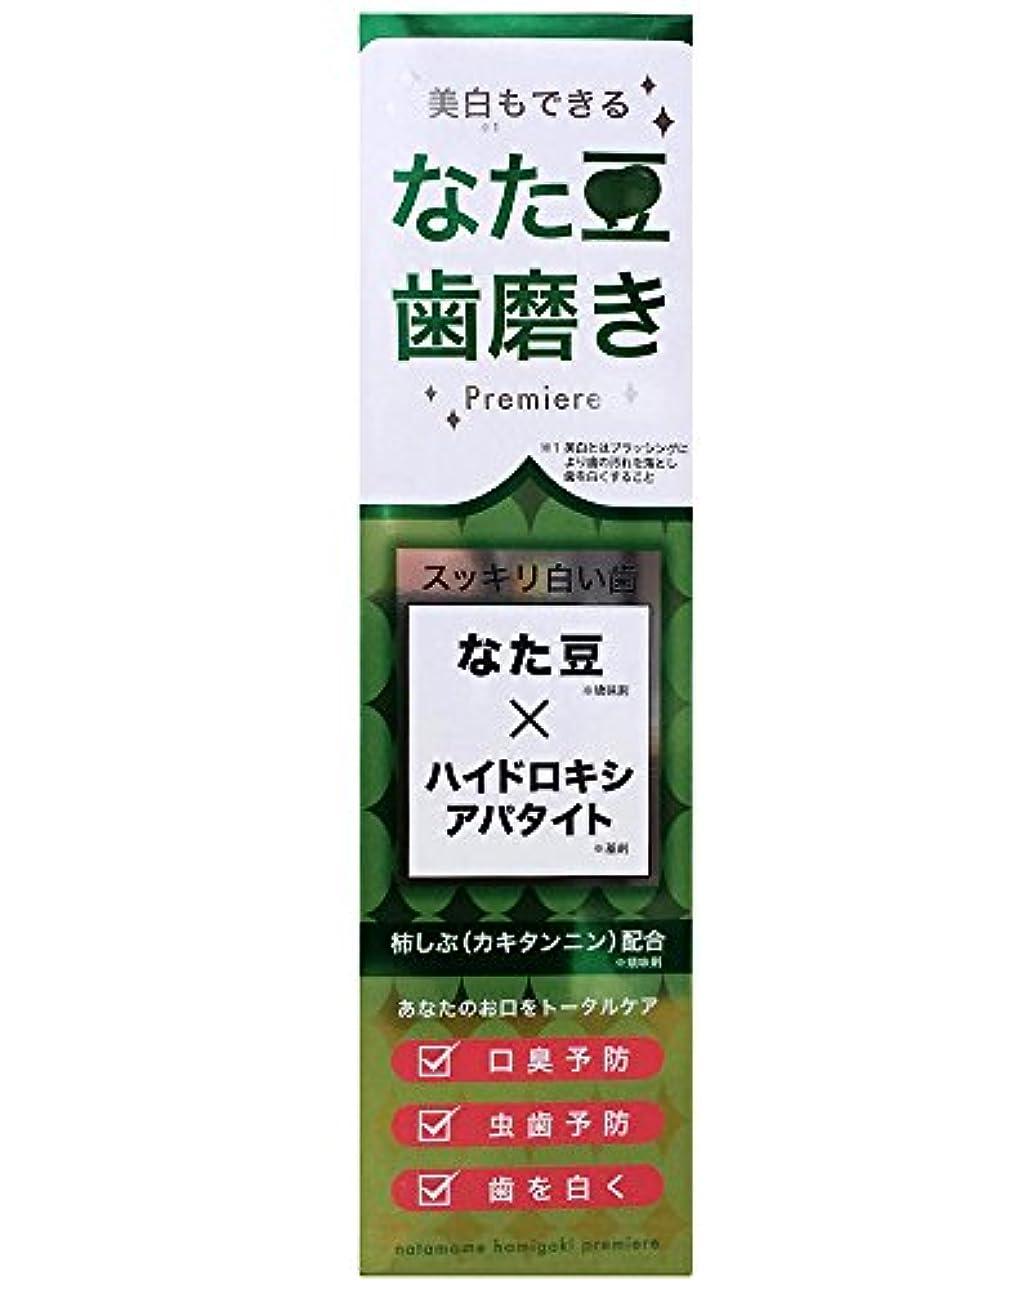 なた豆歯磨きプレミア 120g